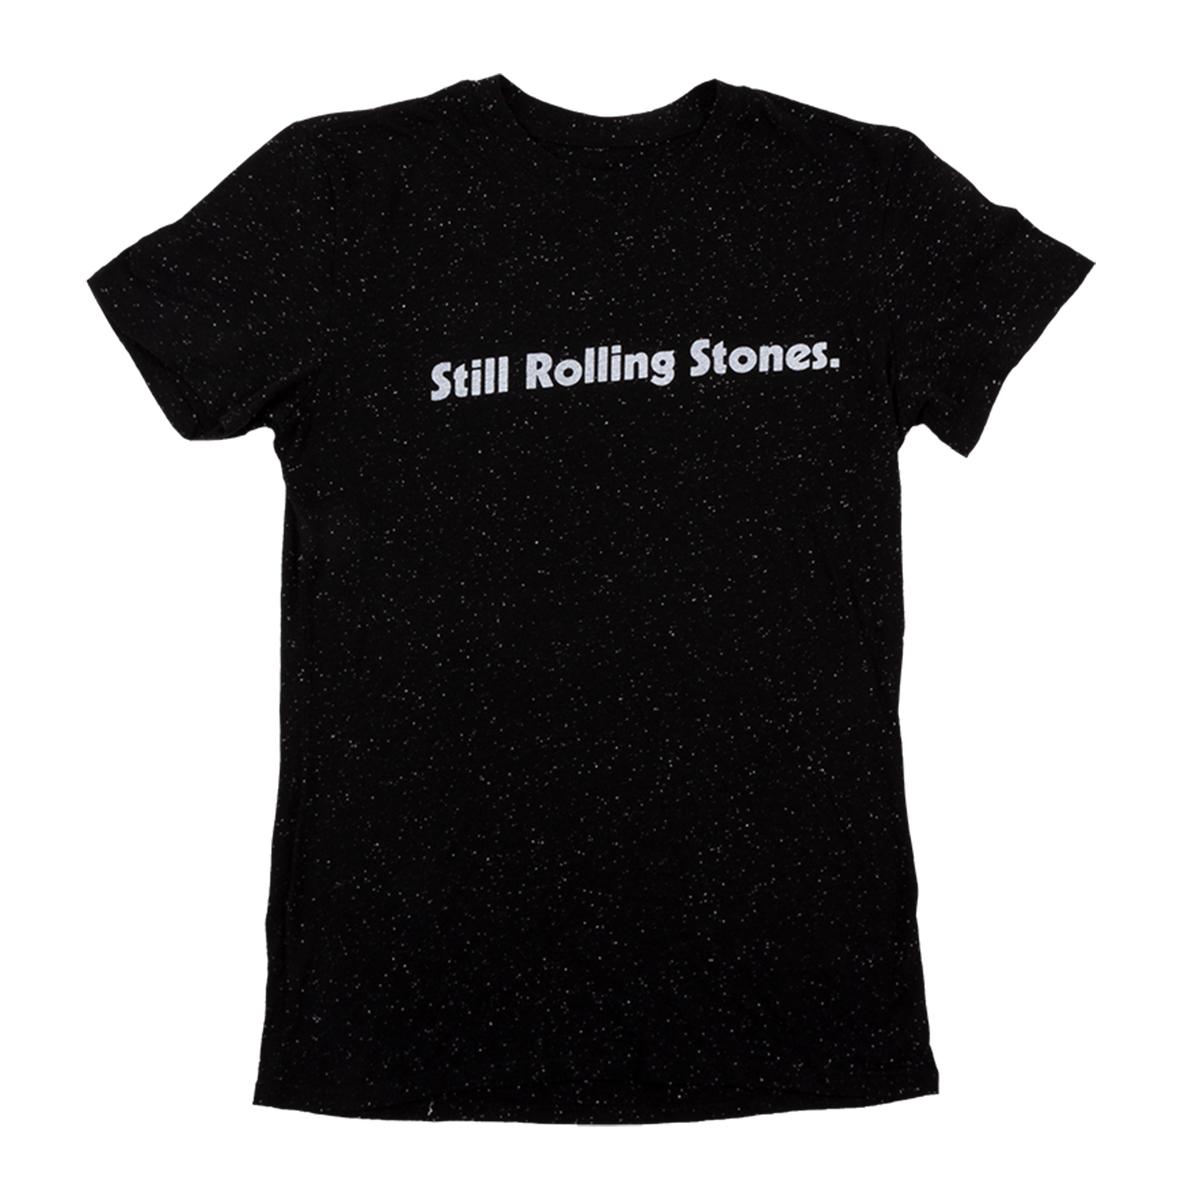 Still Rolling Stones Black T-shirt